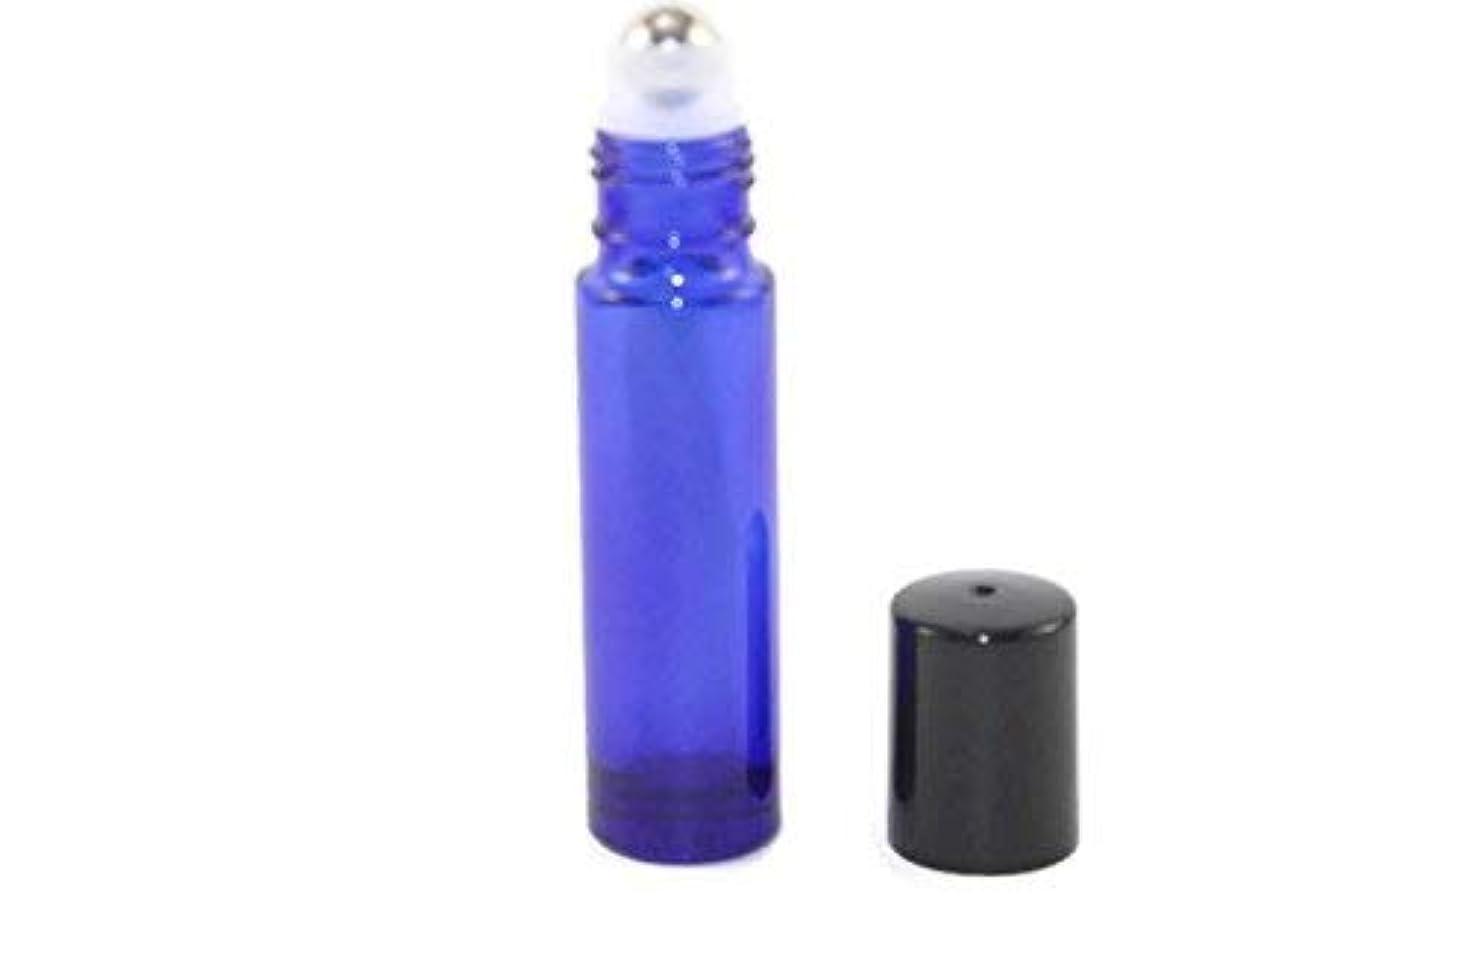 ハムマーキー特徴づけるUSA 144-10ml COBALT BLUE Glass Roll On THICK Bottles (144) with Stainless Steel Roller Balls - Refillable Aromatherapy...